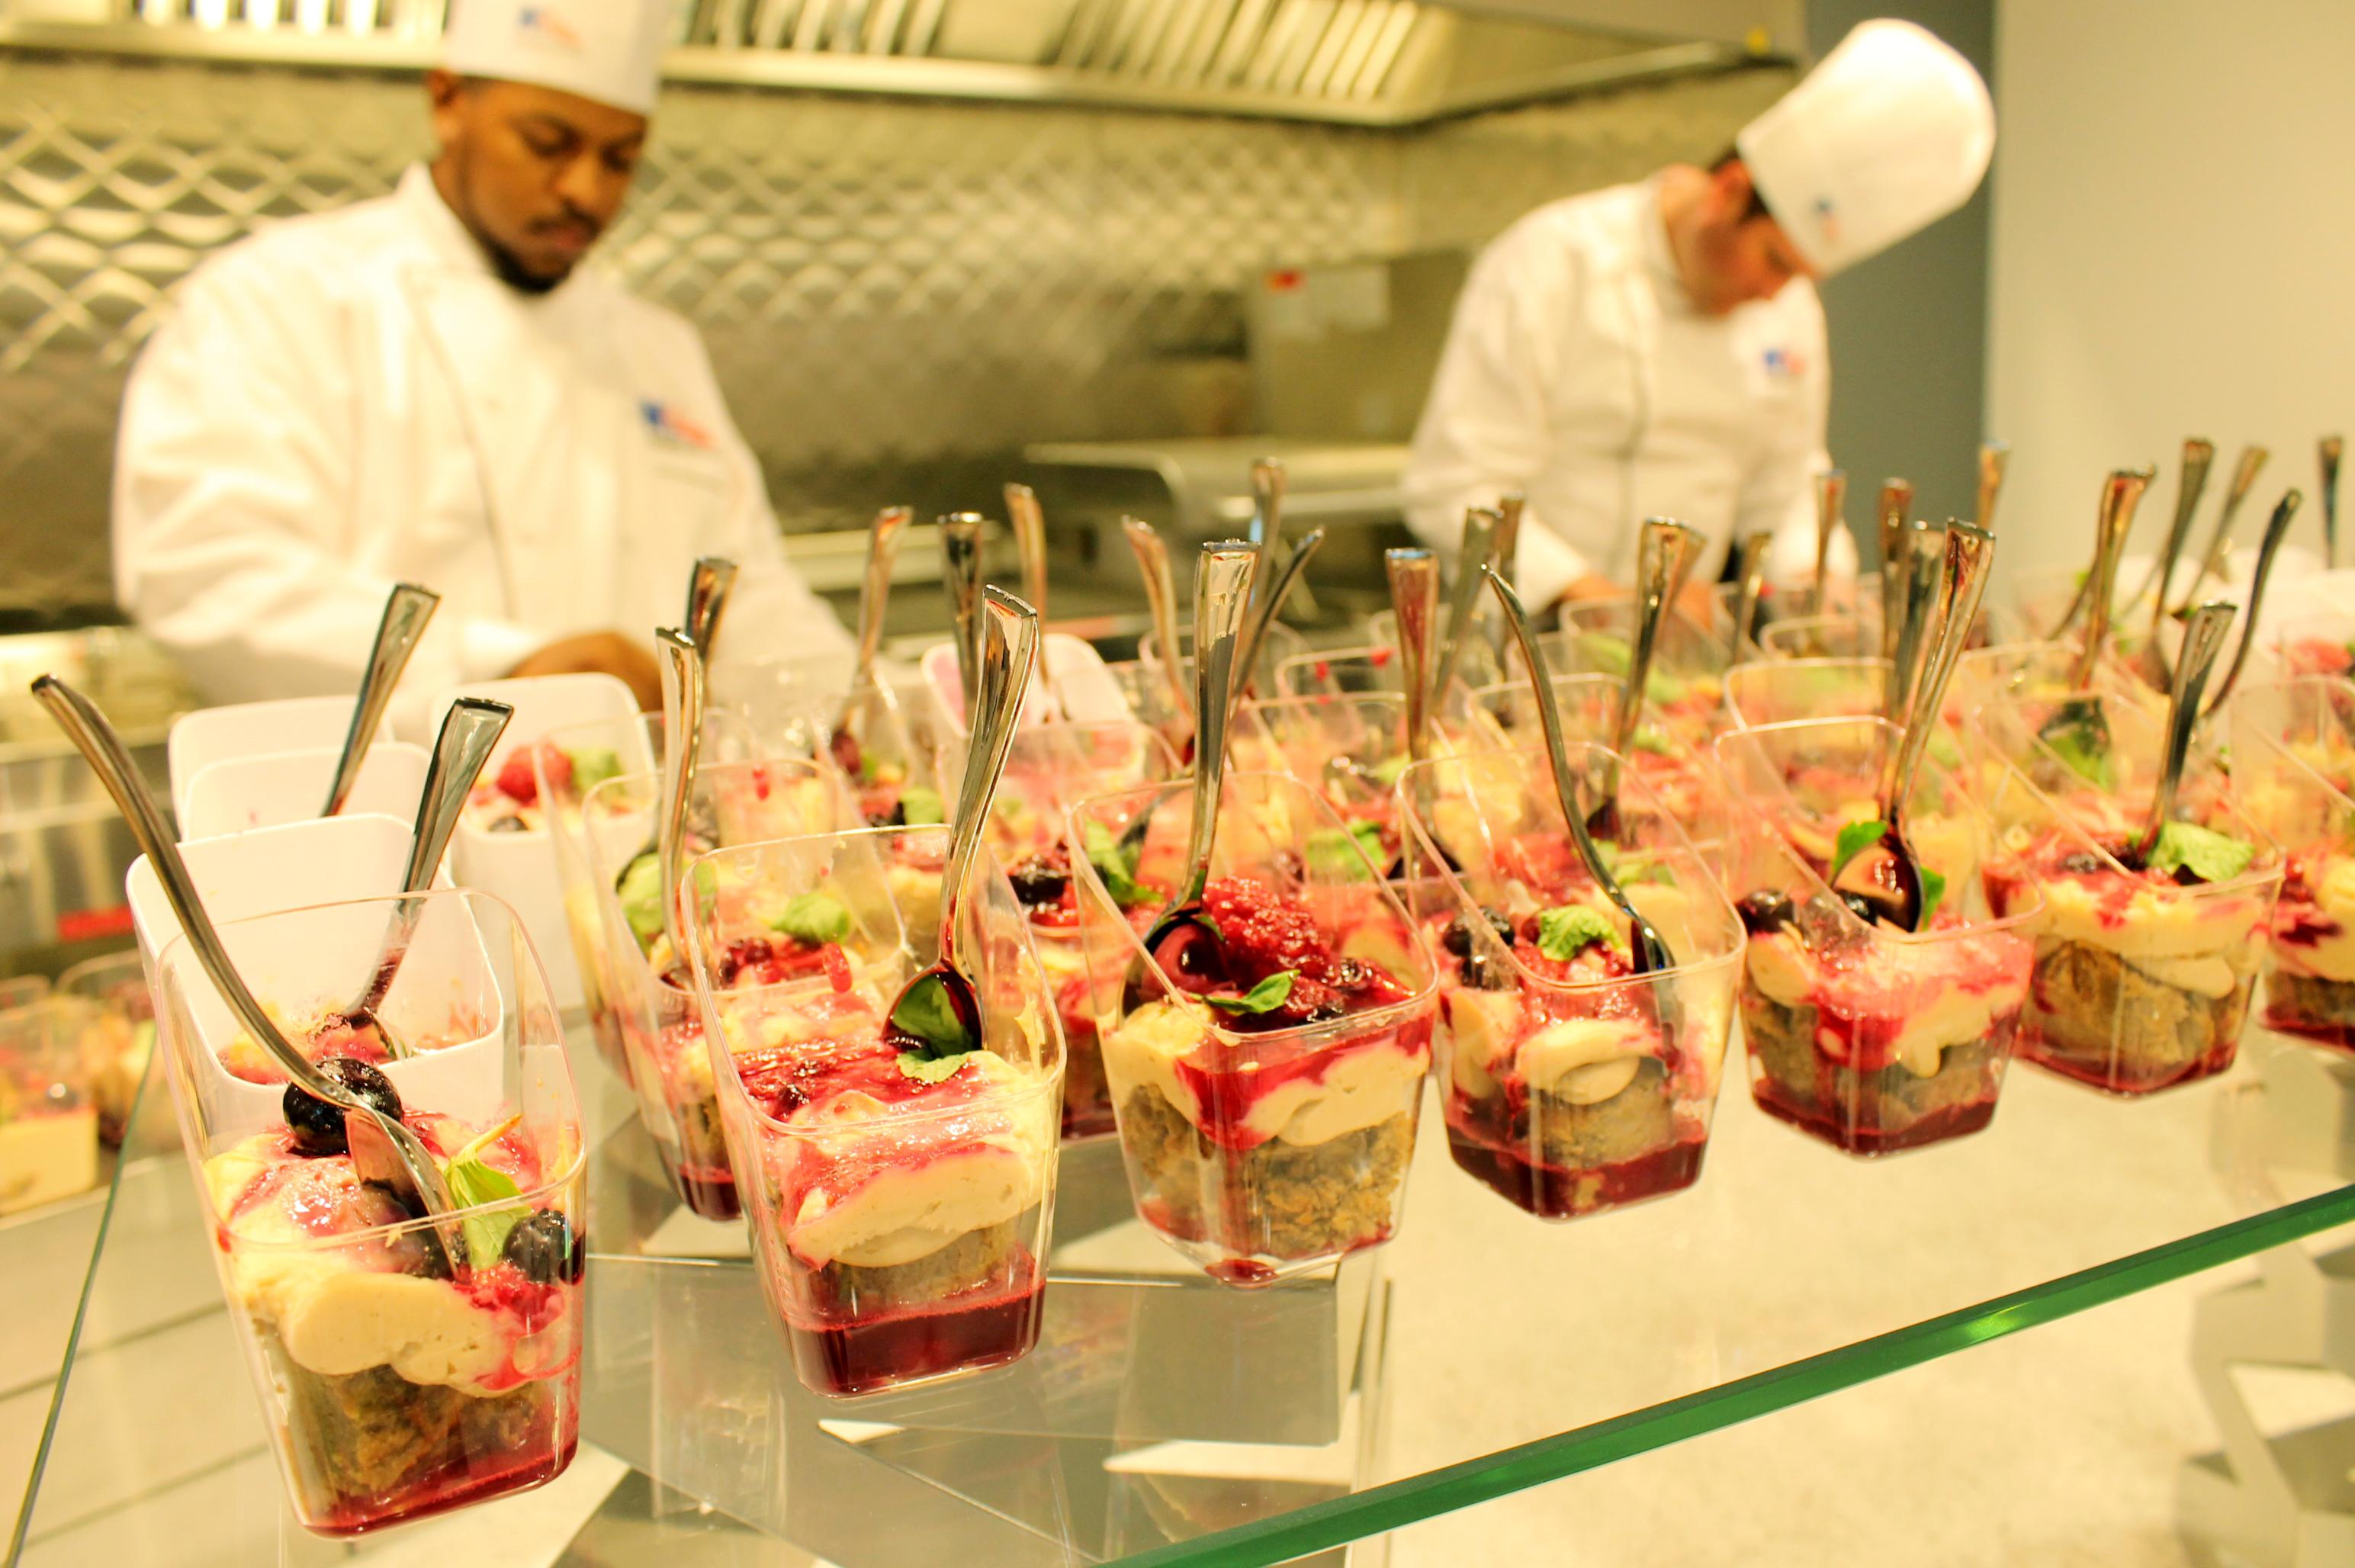 https://www.memorialcoliseum.com/images/Images/aramarkcatering_gallery/dessert2chefs.jpg